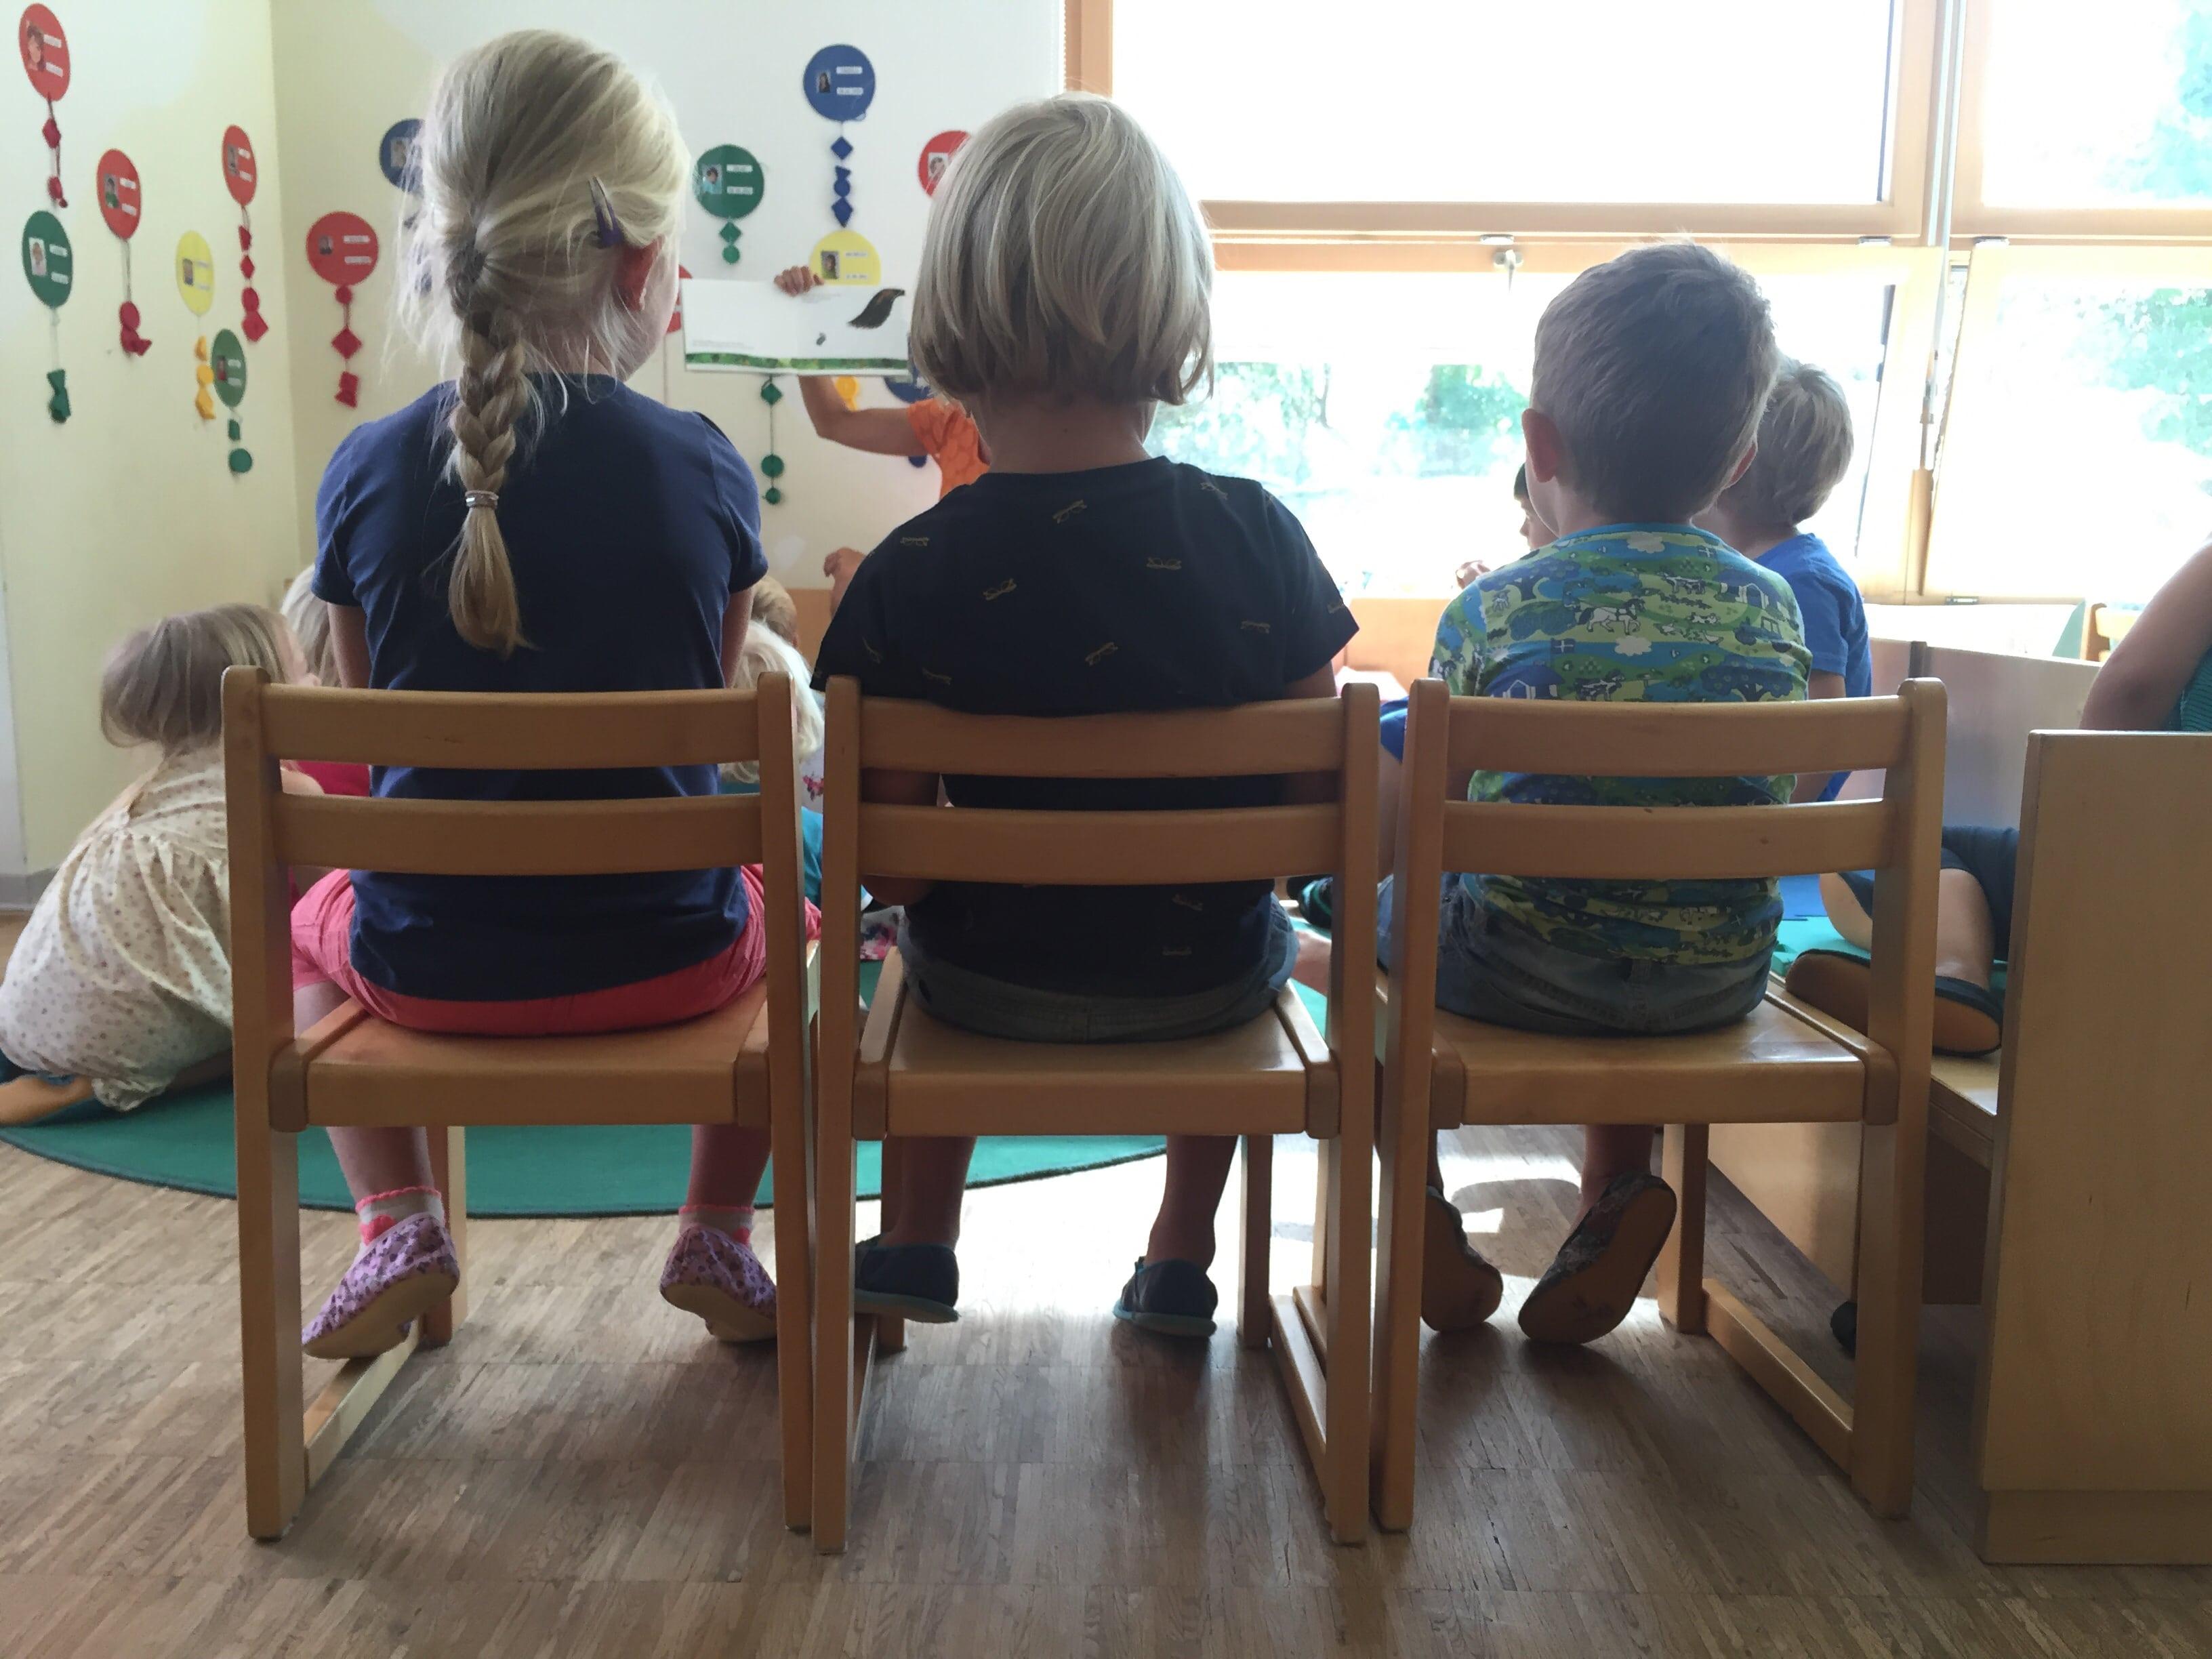 Wie viel spielzeug braucht ein kind? interview mit pädagogin ...